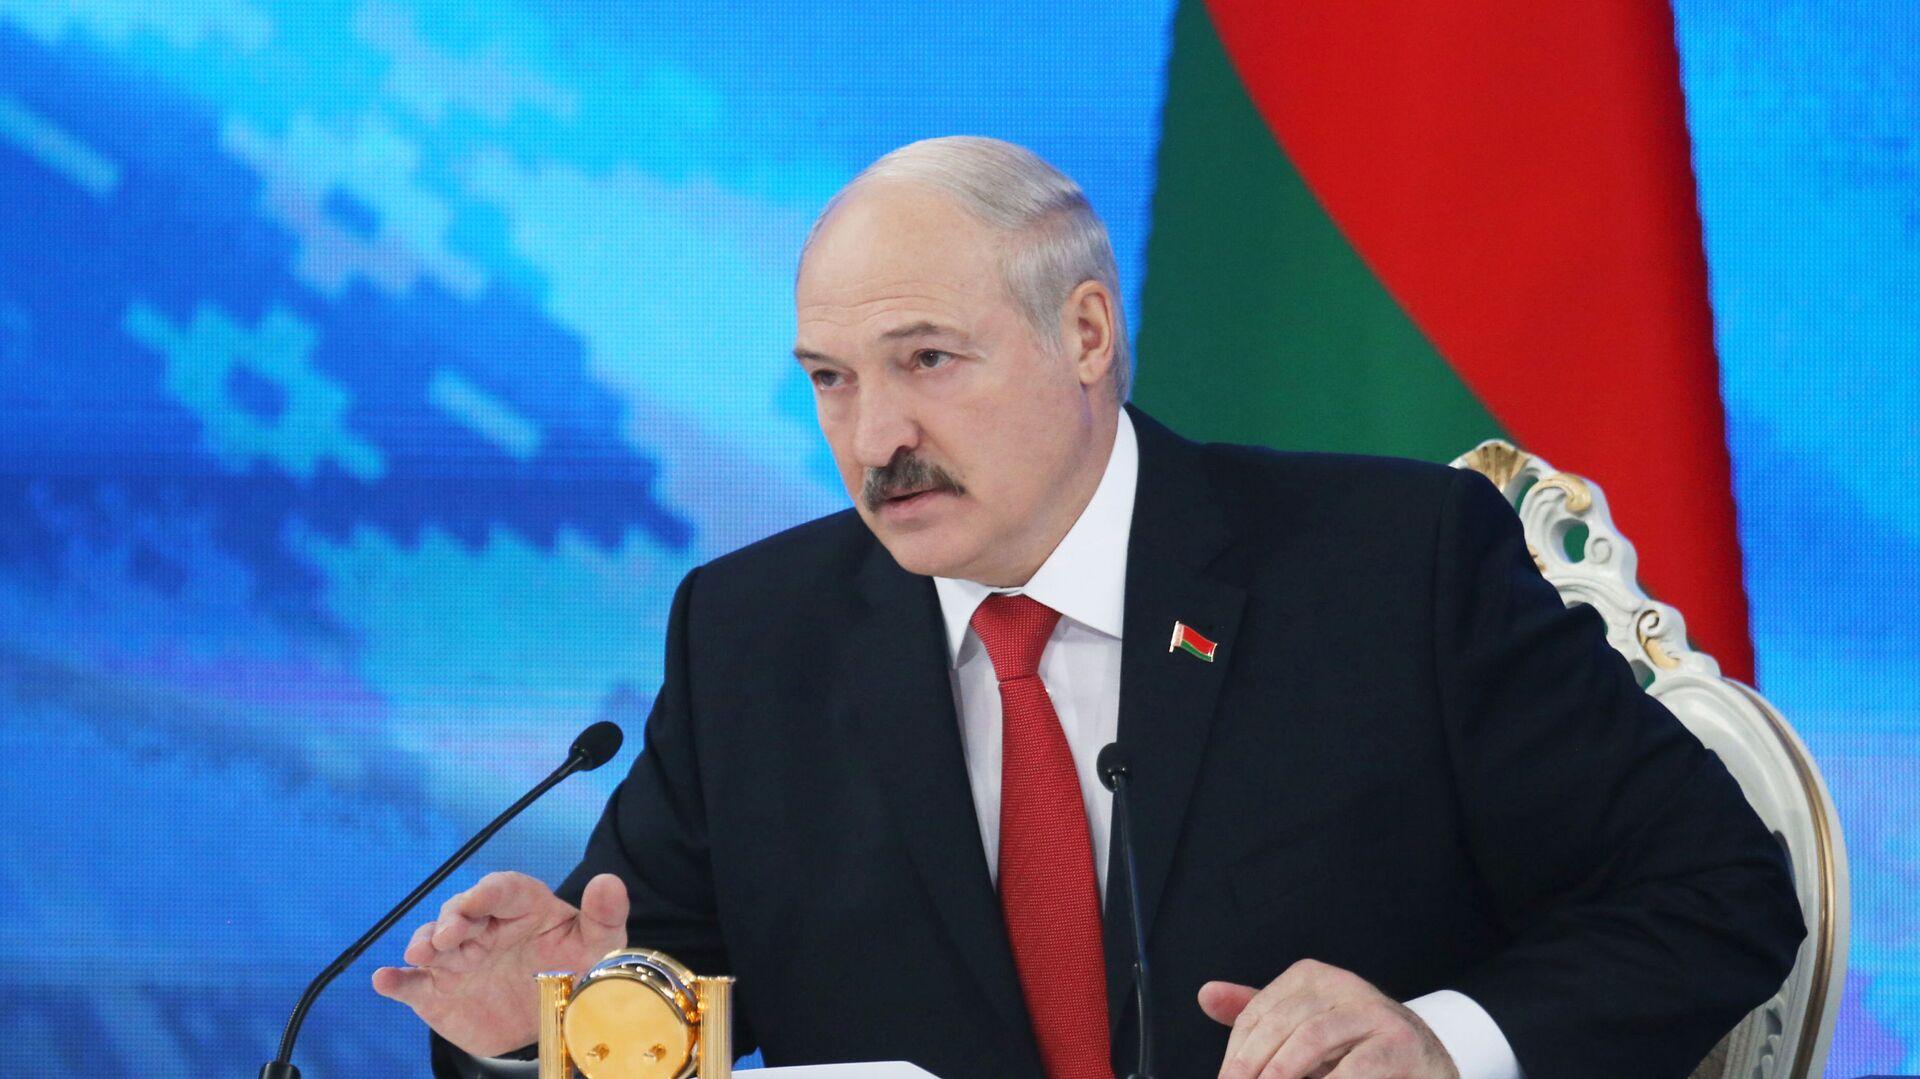 Běloruský prezident Alexandr Lukašenko - Sputnik Česká republika, 1920, 23.04.2021